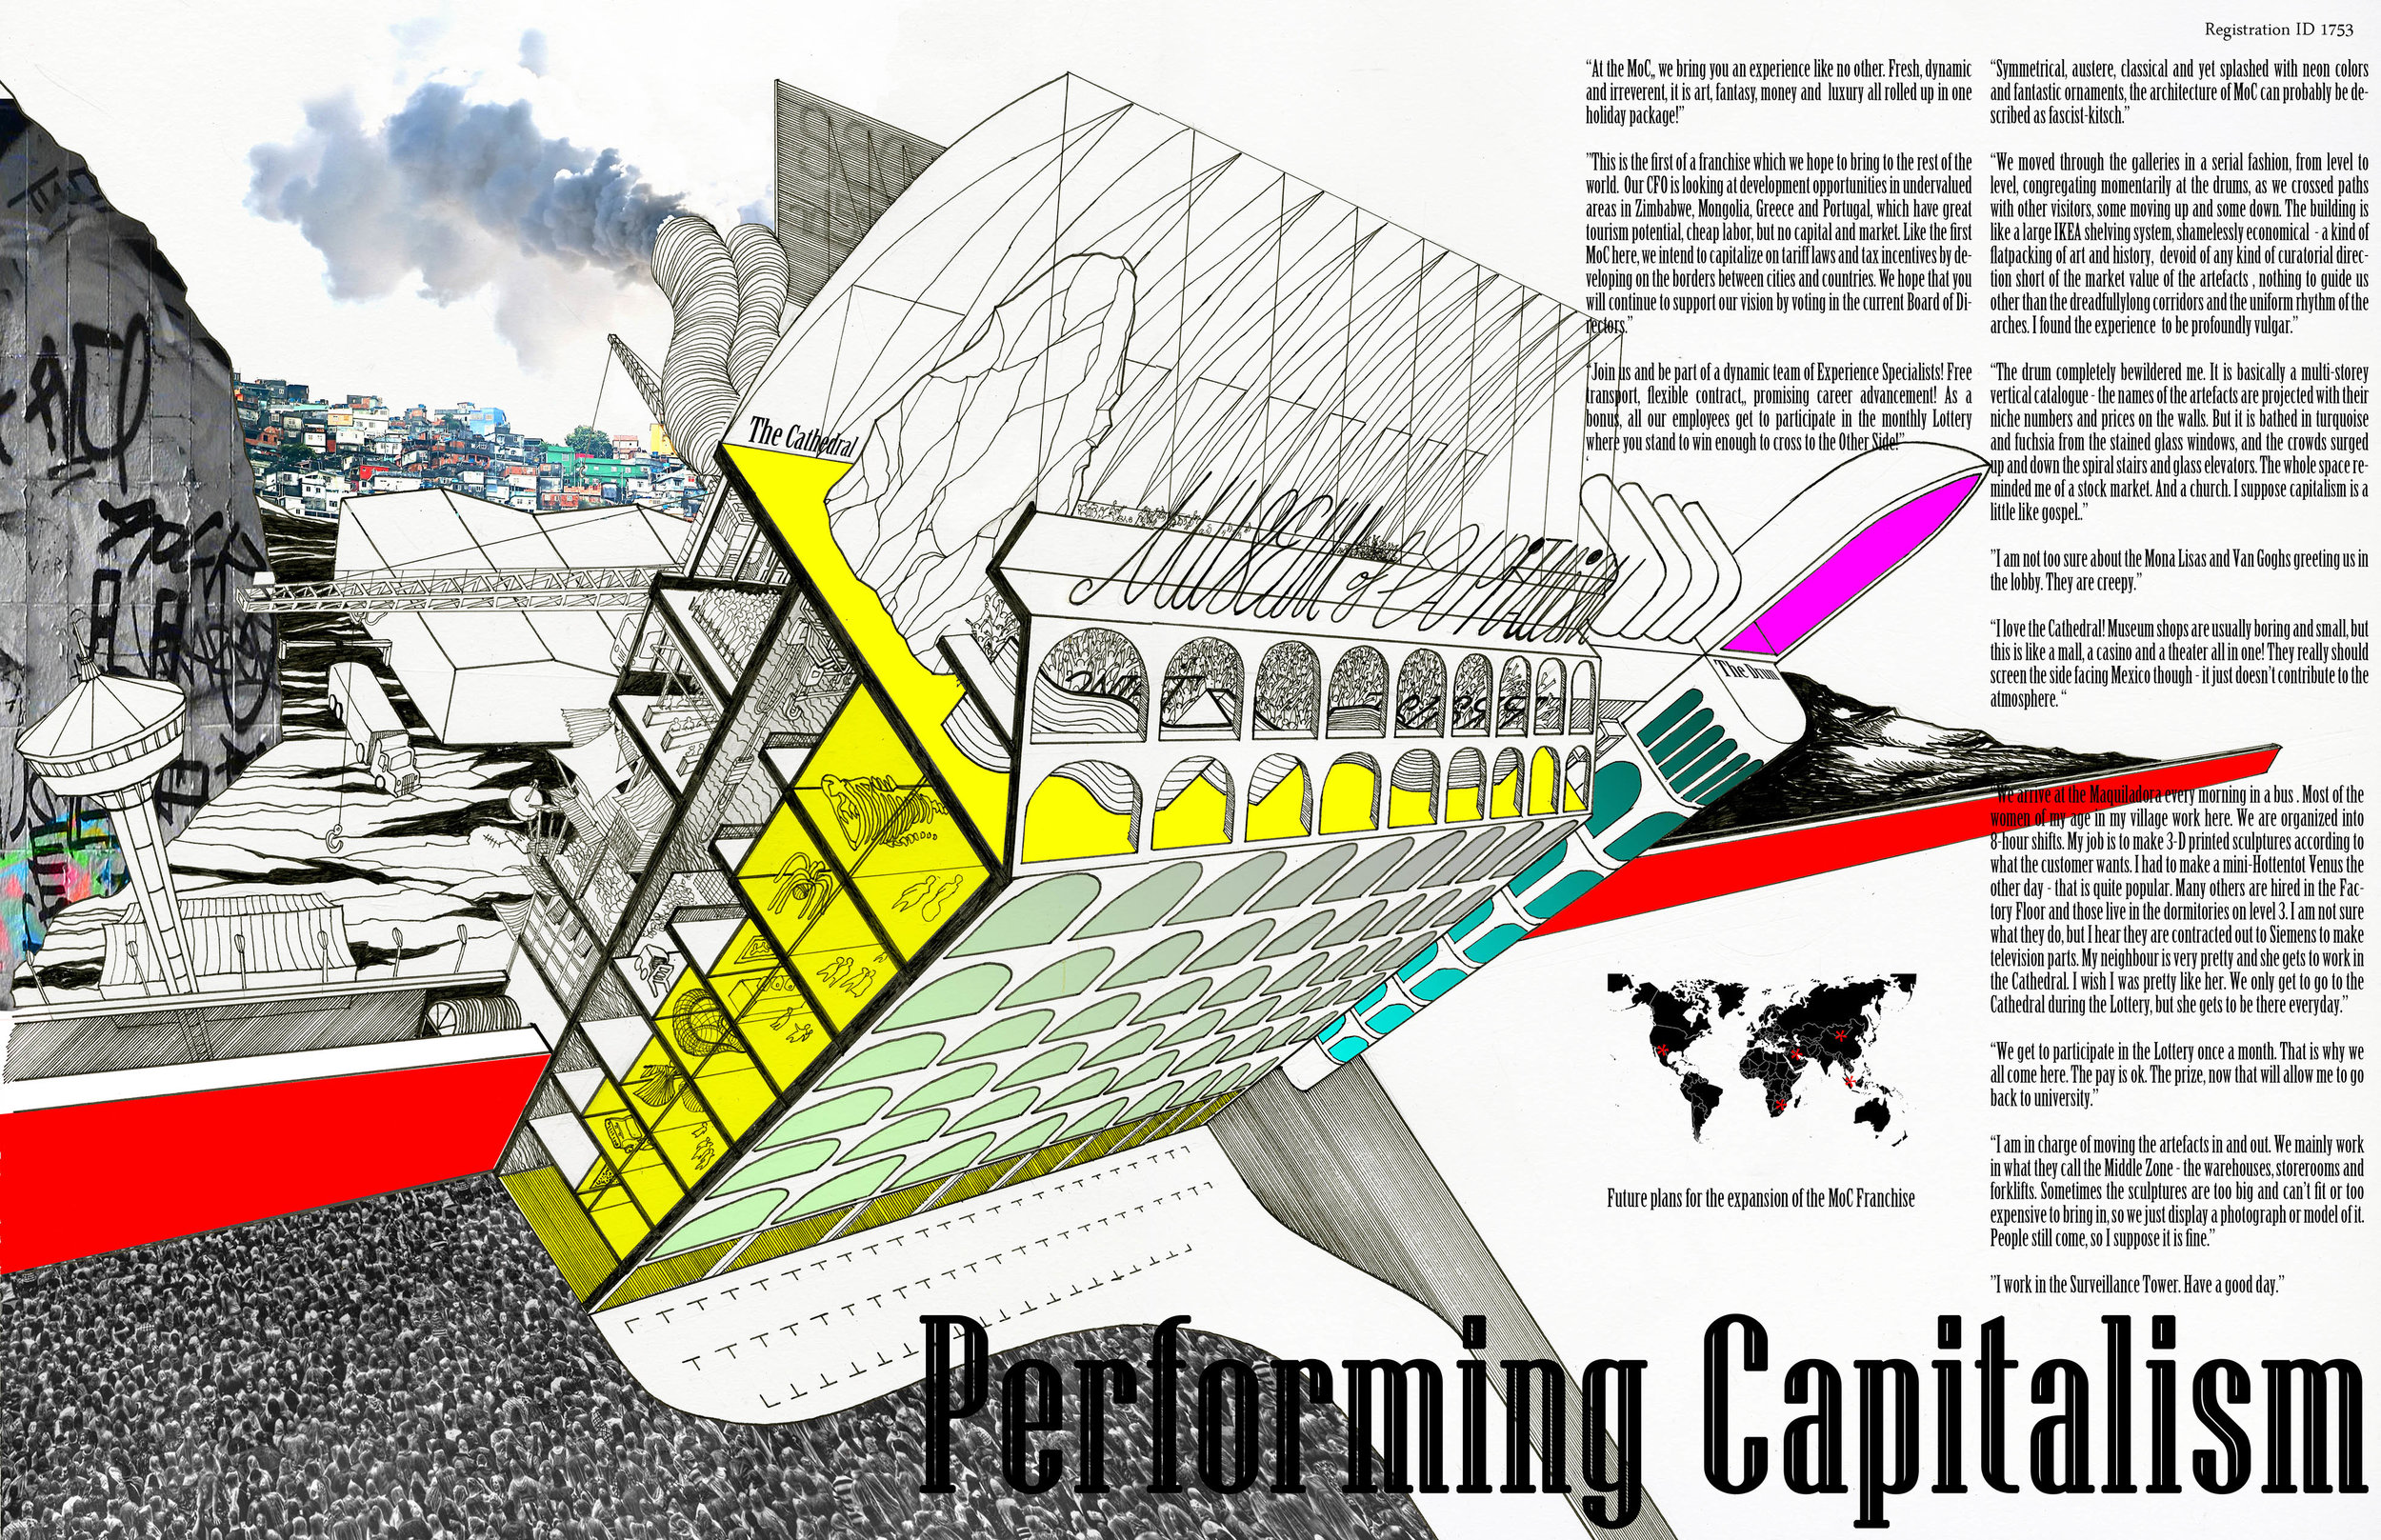 Museum of Capitalism (Image  © Kah Wee Lee).